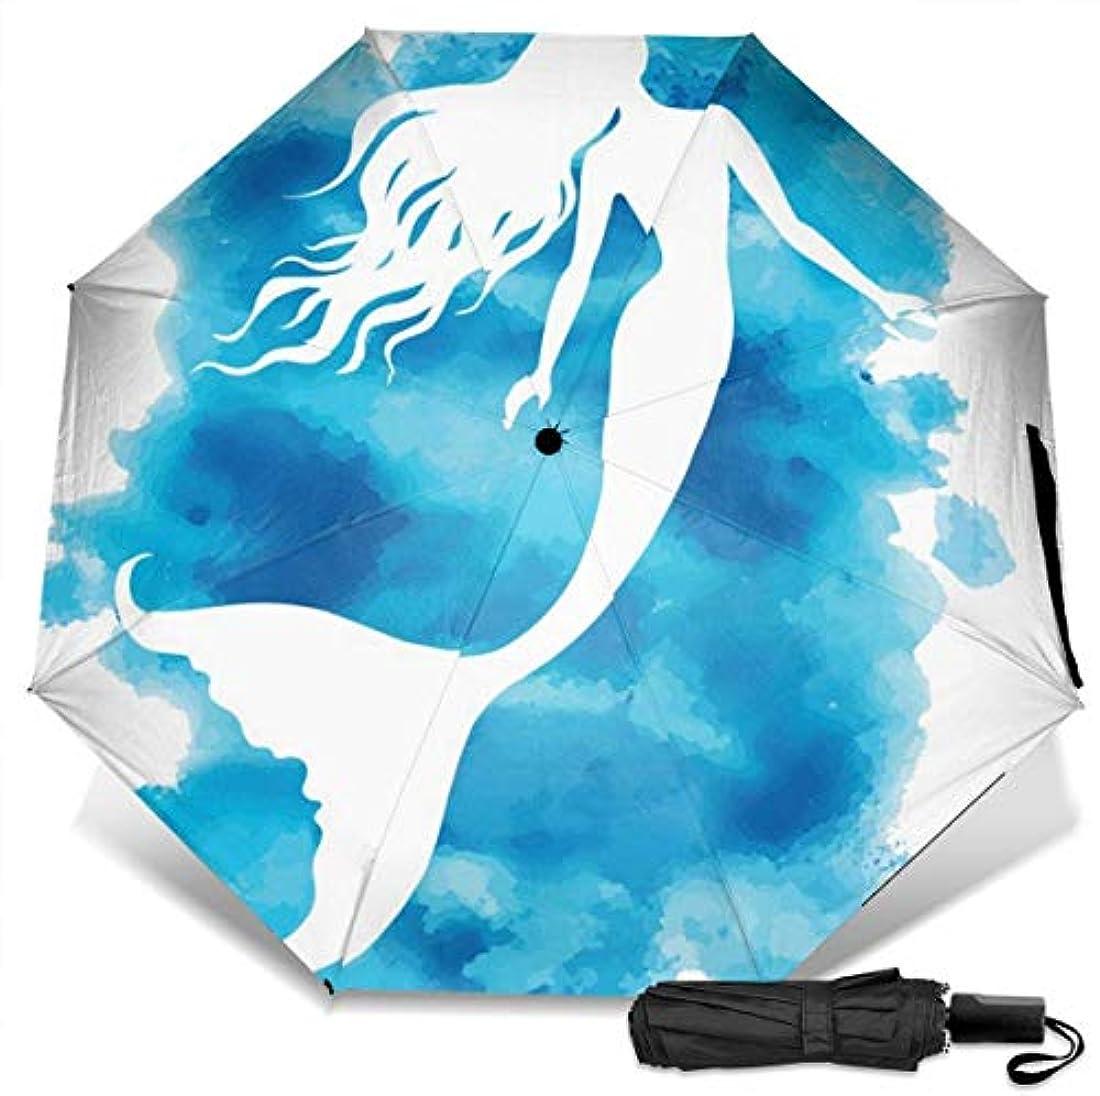 コンパス指定模索海の装飾の水彩美人魚折りたたみ傘 軽量 手動三つ折り傘 日傘 耐風撥水 晴雨兼用 遮光遮熱 紫外線対策 携帯用かさ 出張旅行通勤 女性と男性用 (黒ゴム)